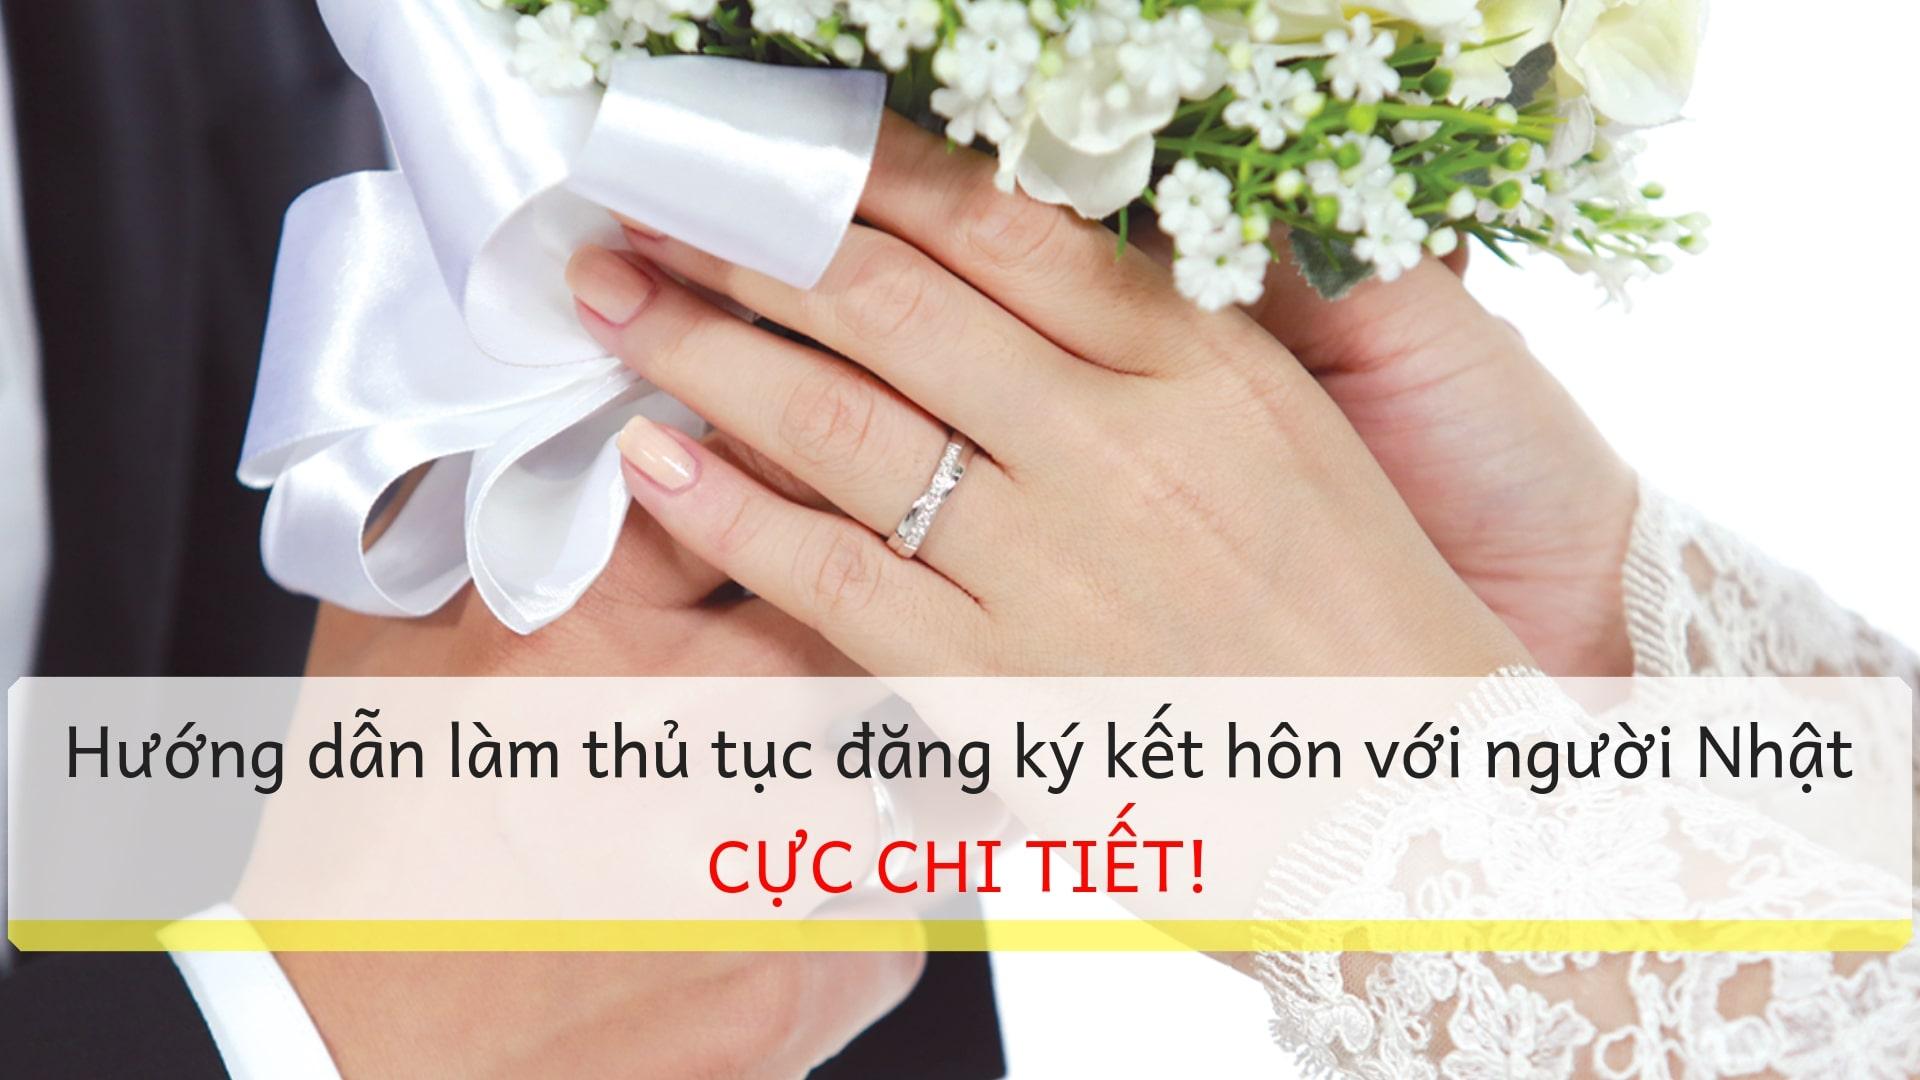 Hướng dẫn làm thủ tục đăng ký kết hôn với người Nhật CỰC CHI TIẾT!